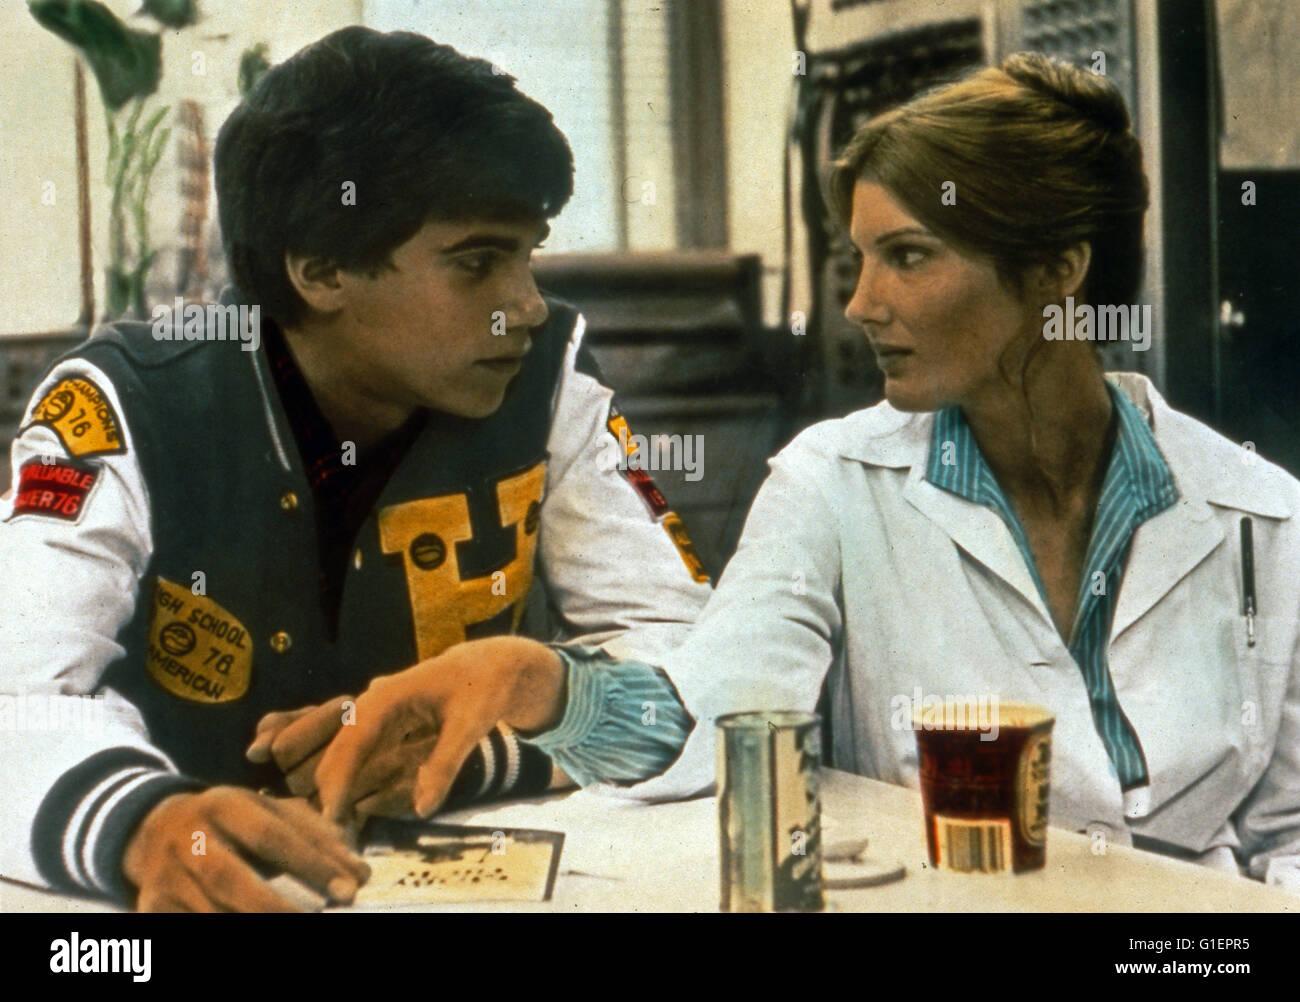 One on One, aka: Mann, Du bist Klasse!, USA 1977, Regie: Lamont Johnson, Darsteller: Robby Benson, Annette O'Toole Stock Photo